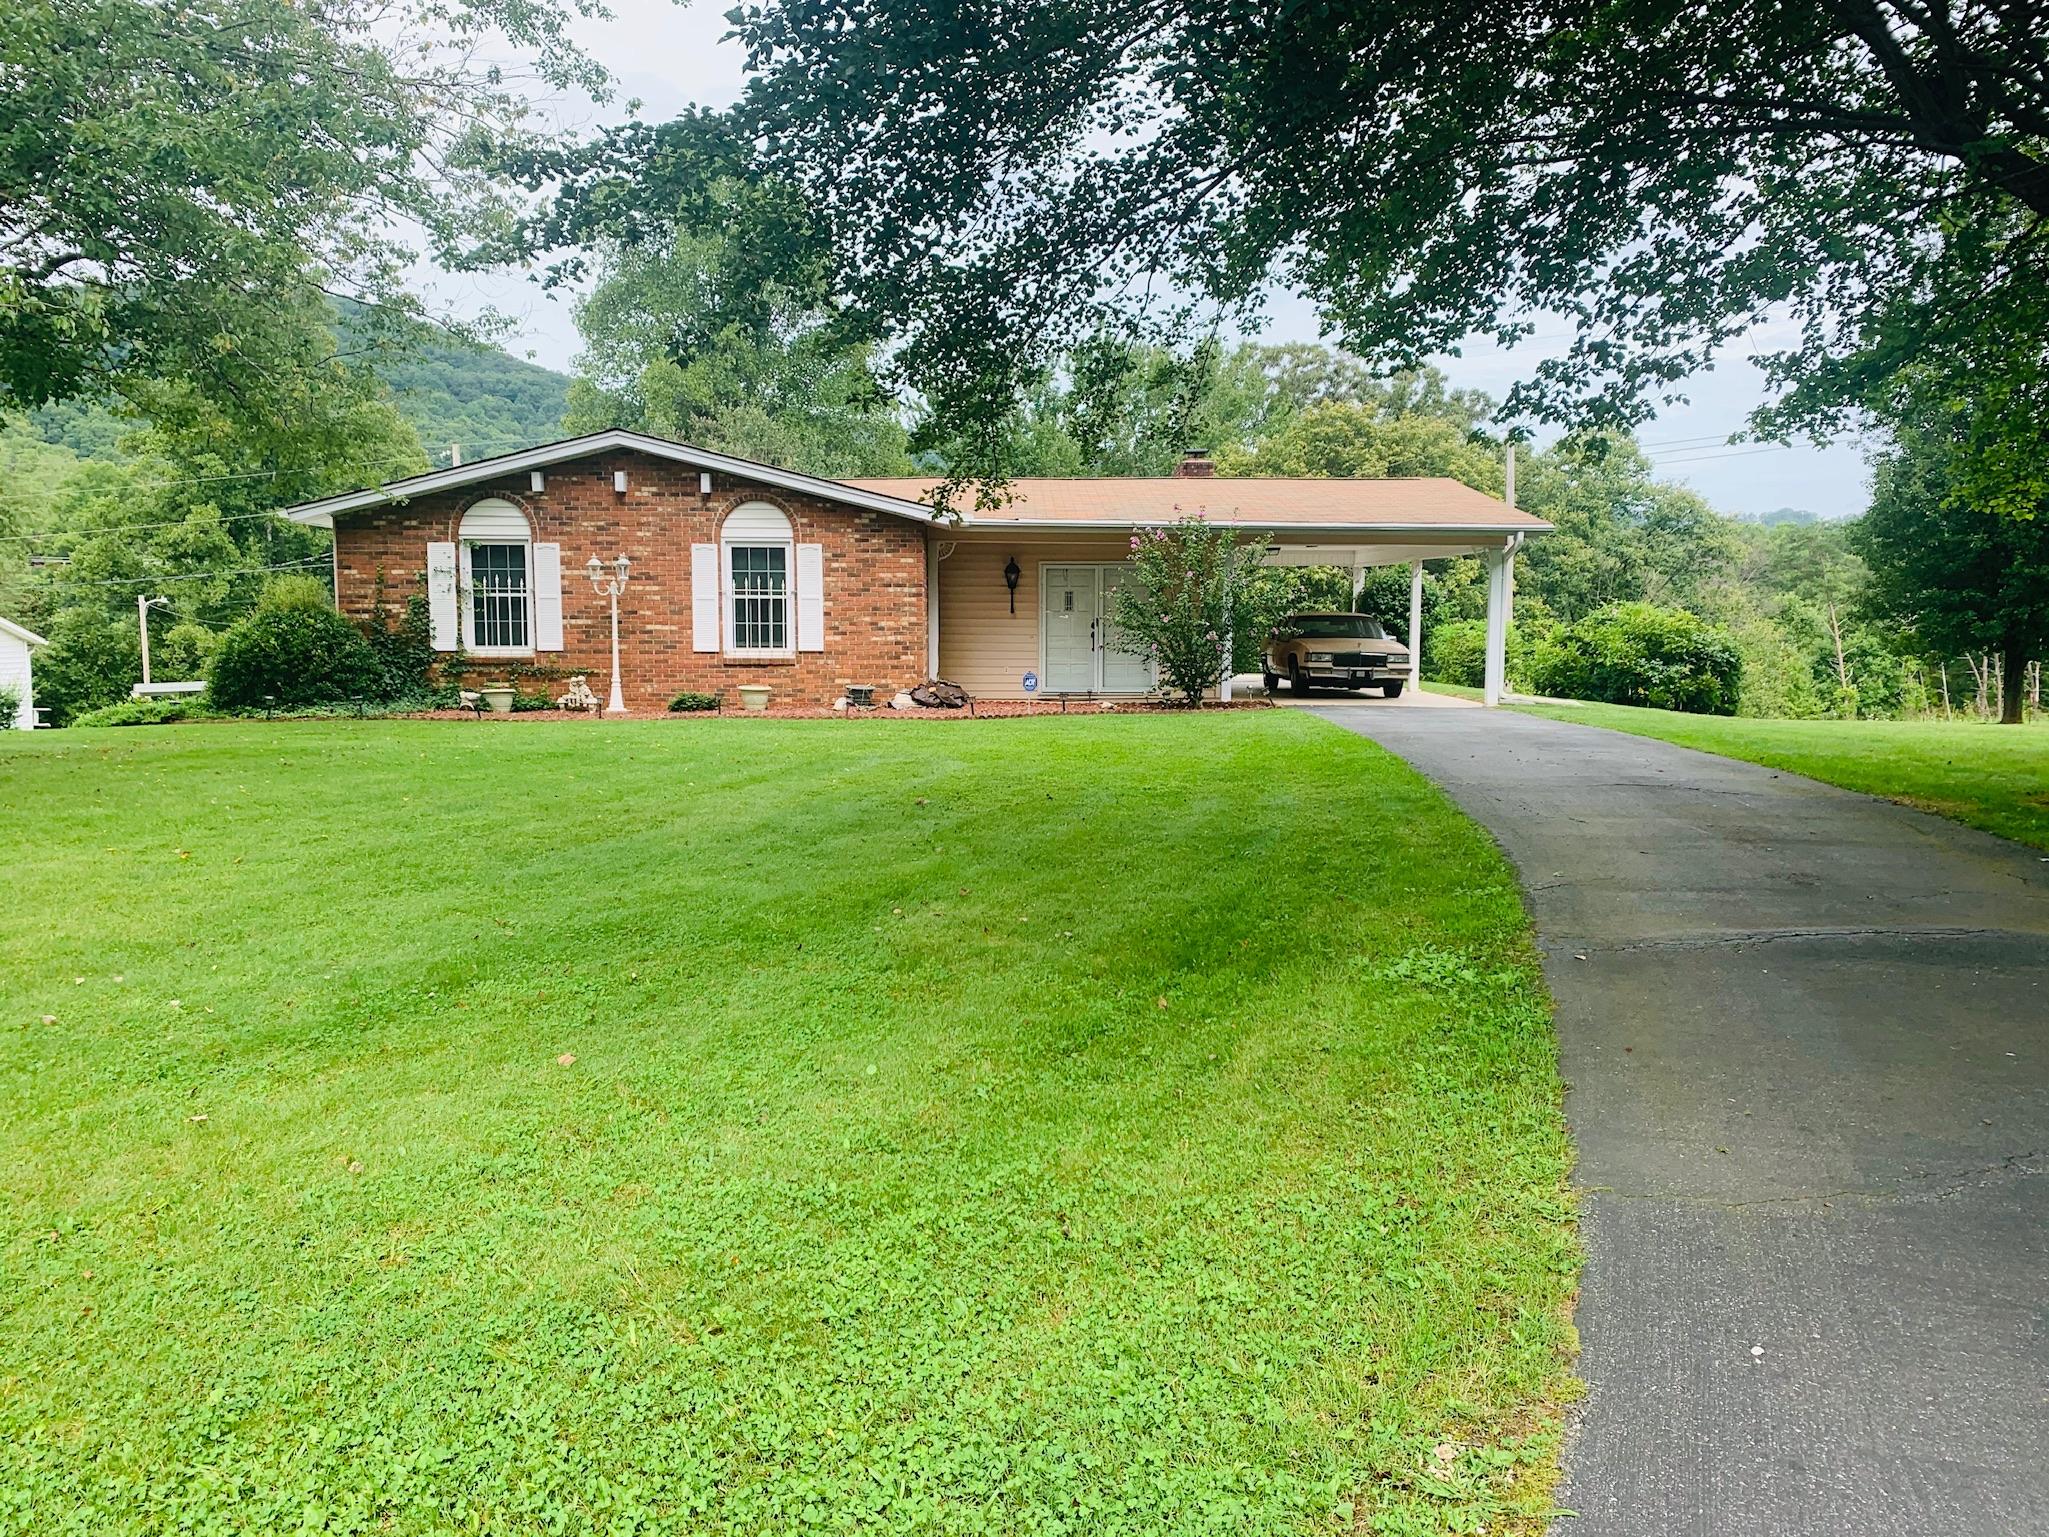 SOLD! 15 The Miller Estate, Candler NC 28715